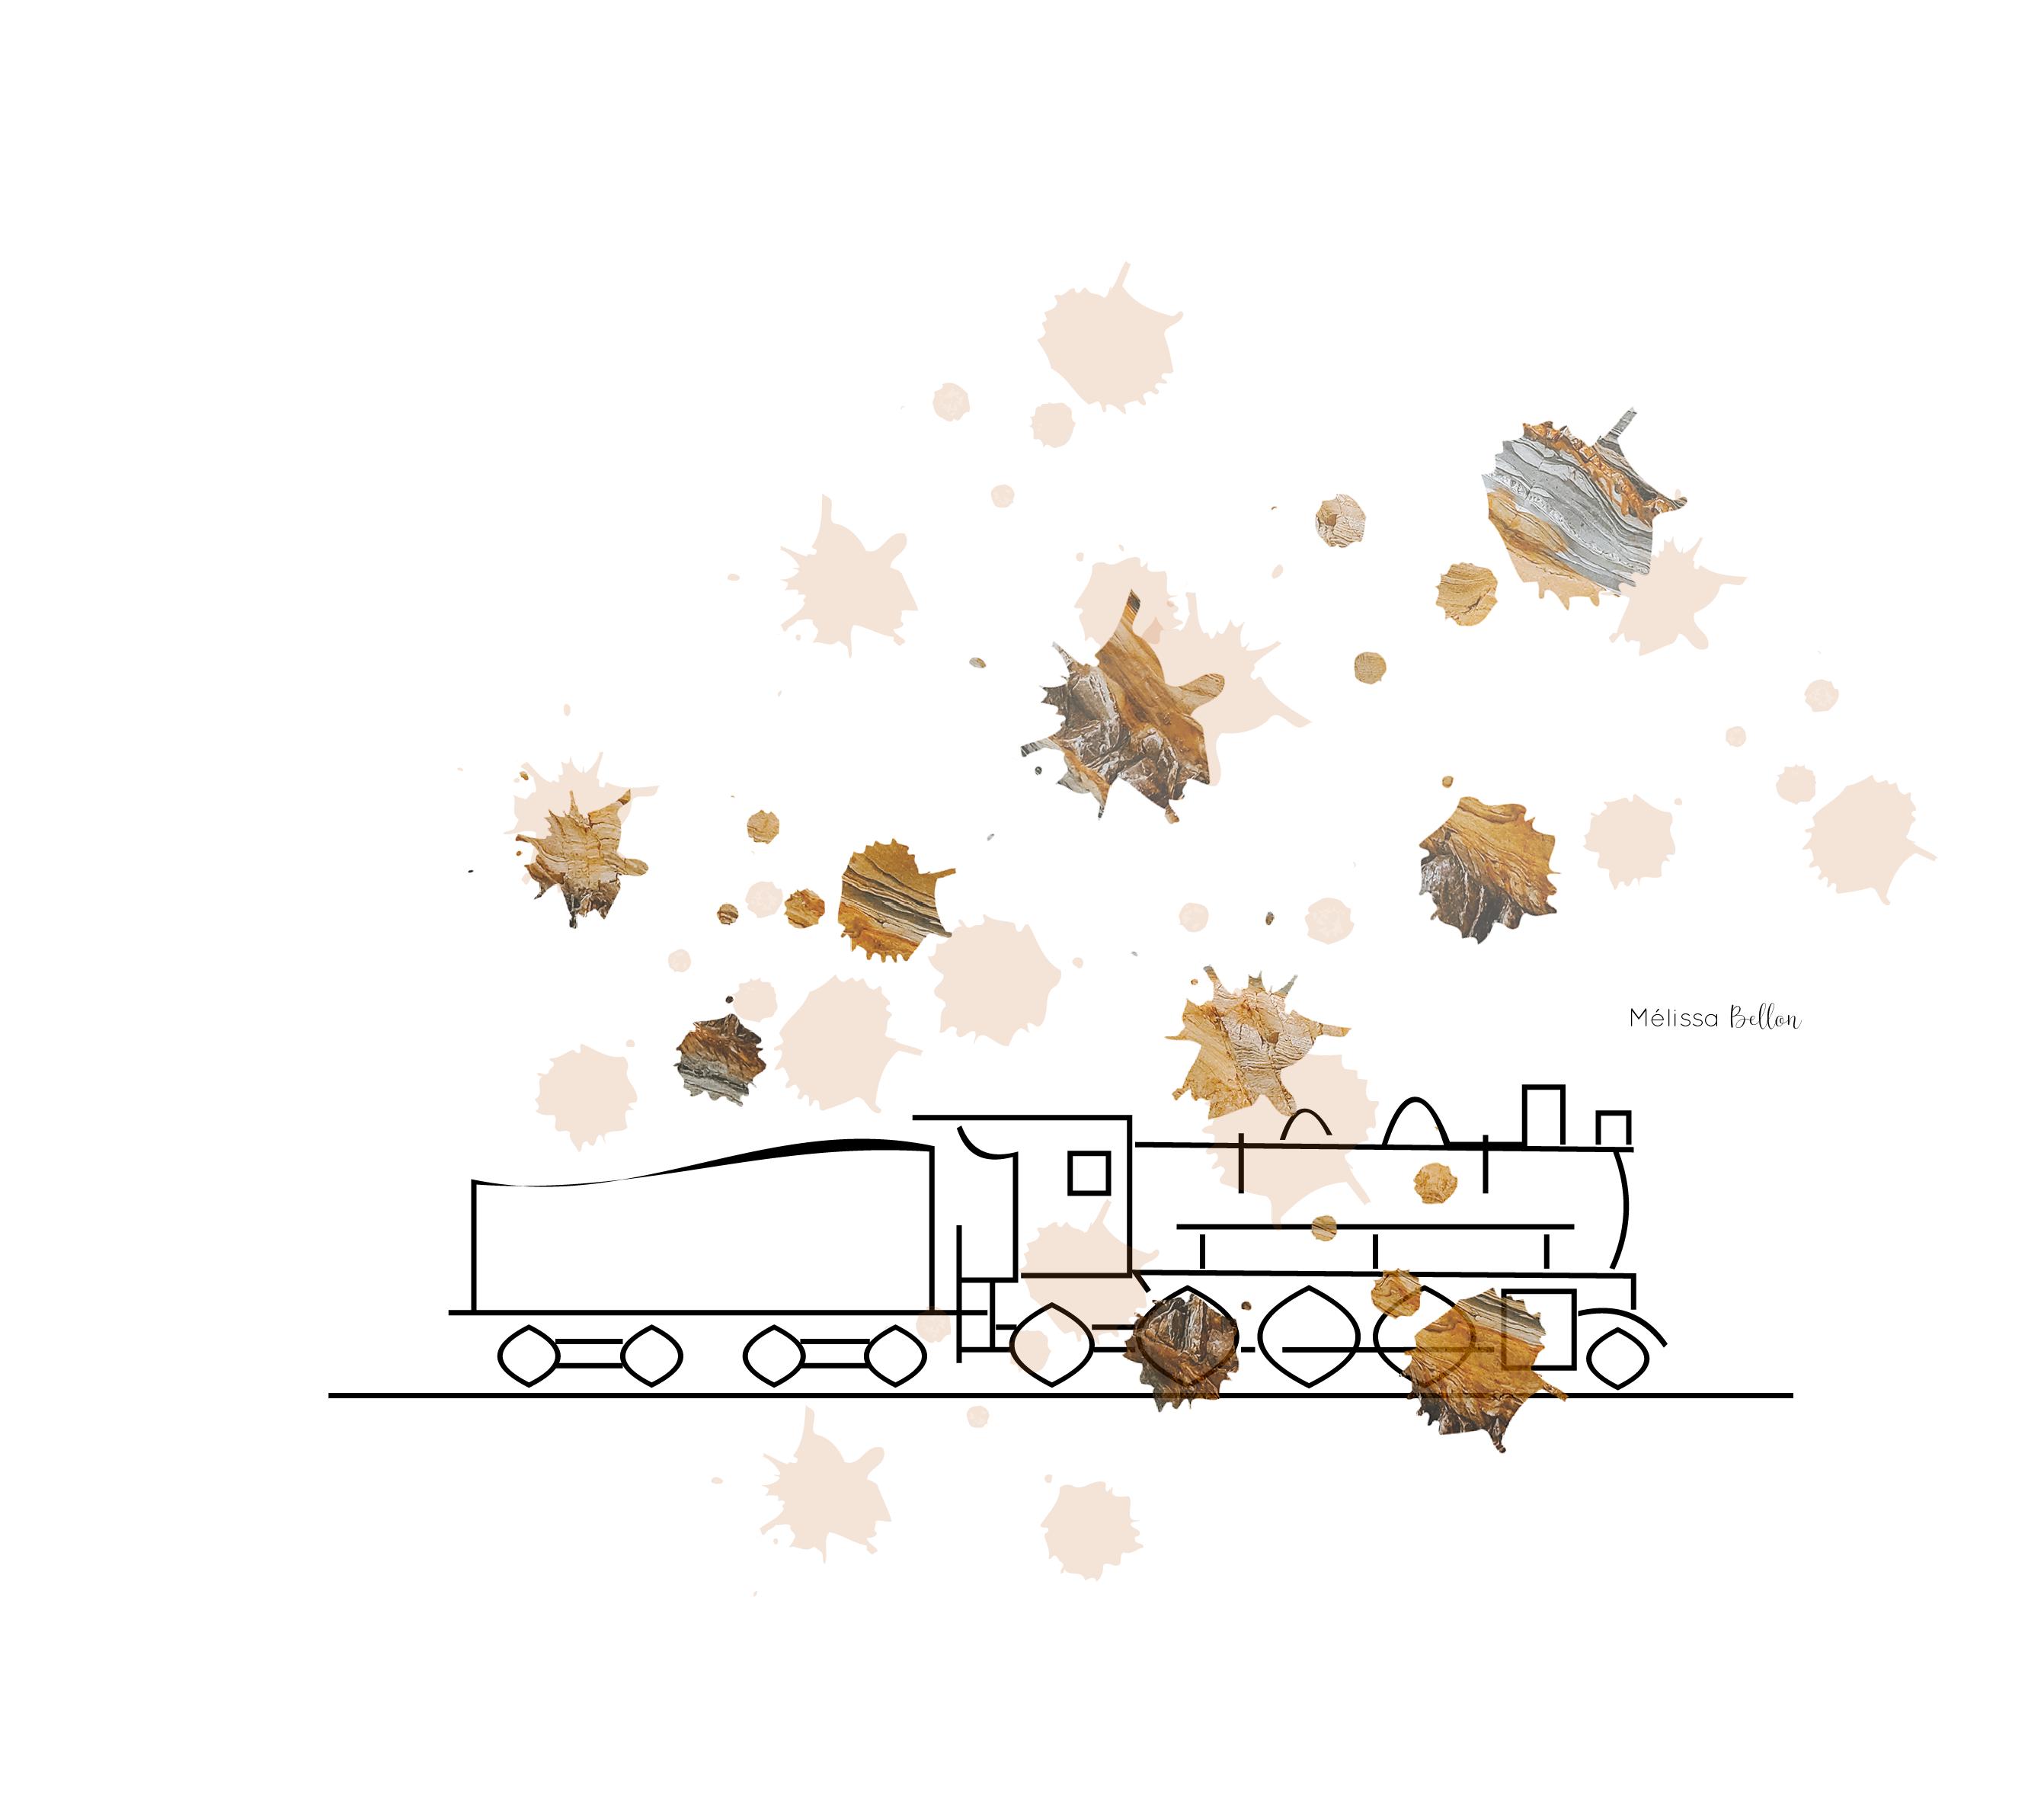 train-MB